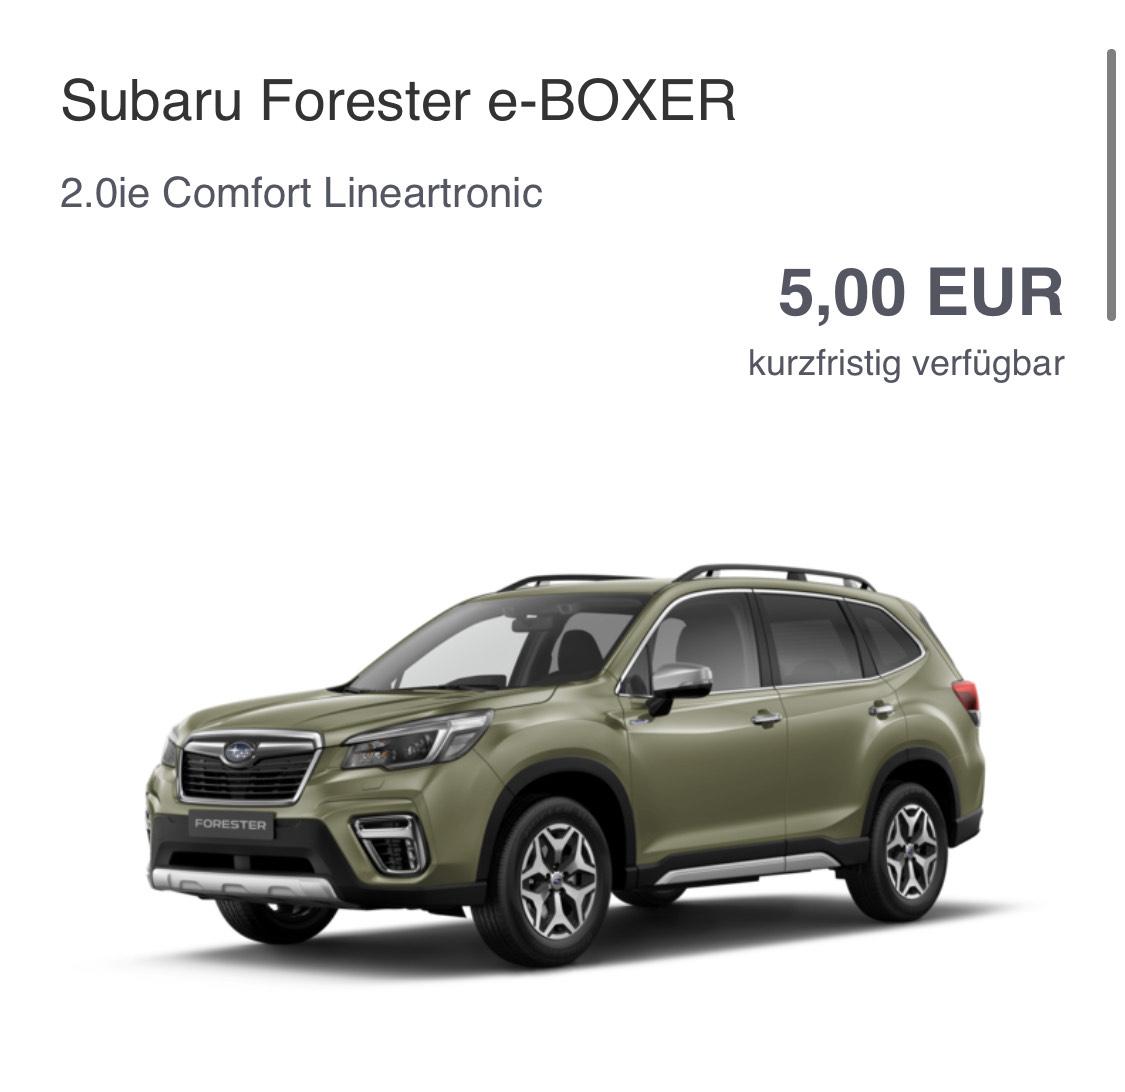 Subaru Forester - Neuwagen Autokauf Preisfehler